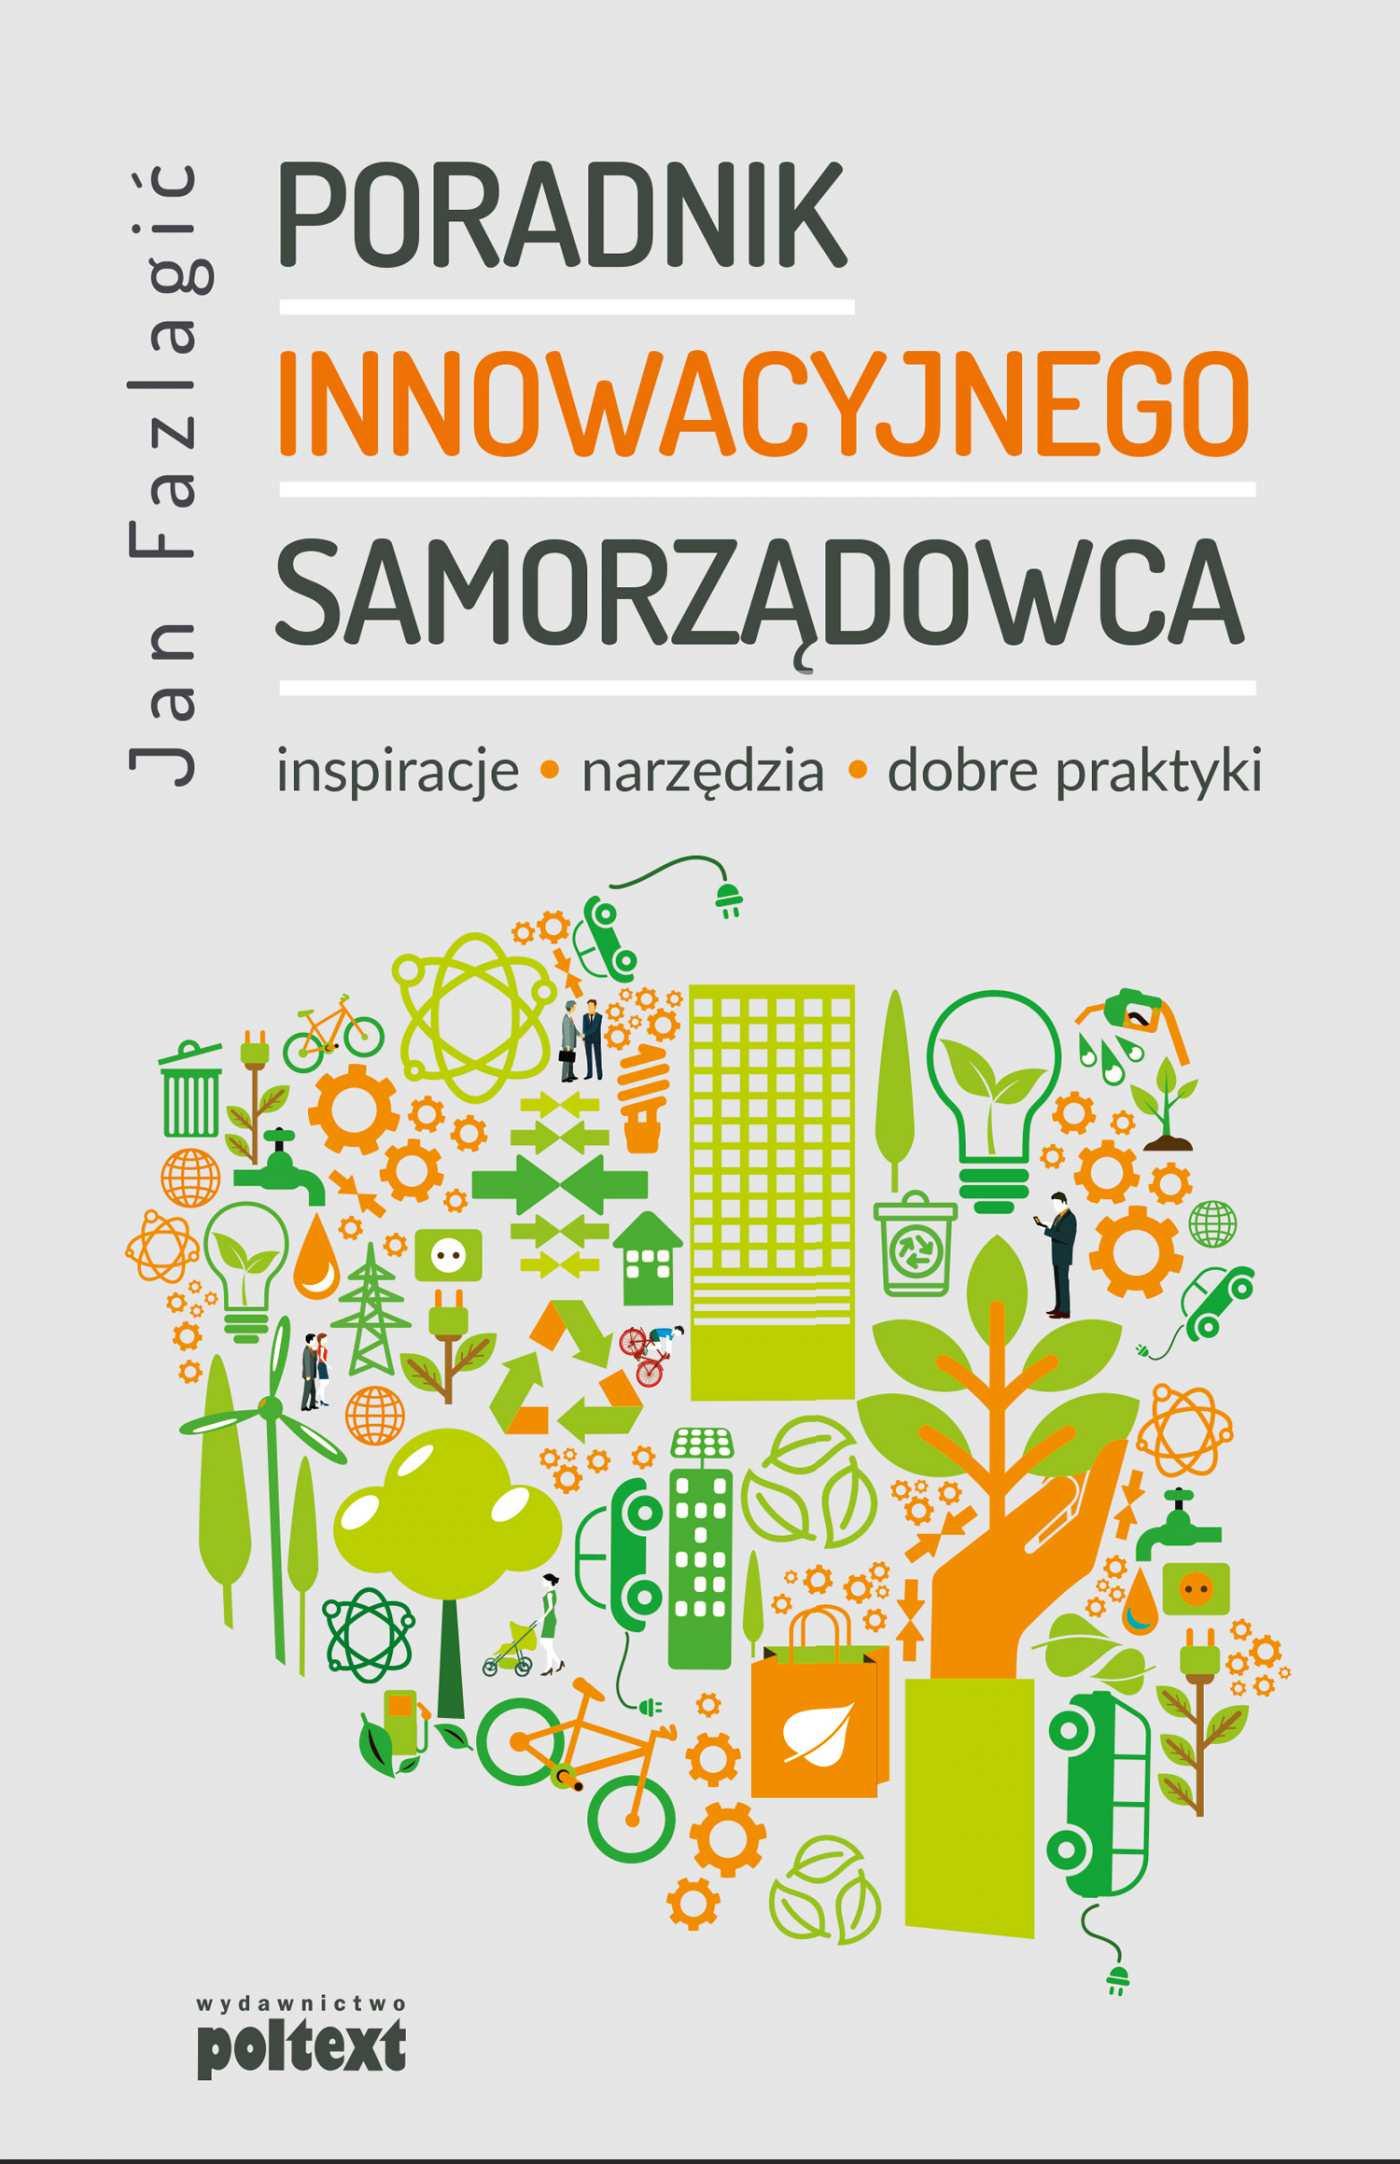 Poradnik innowacyjnego samorządowca. Inspiracje, narzędzia, dobre praktyki - Ebook (Książka na Kindle) do pobrania w formacie MOBI